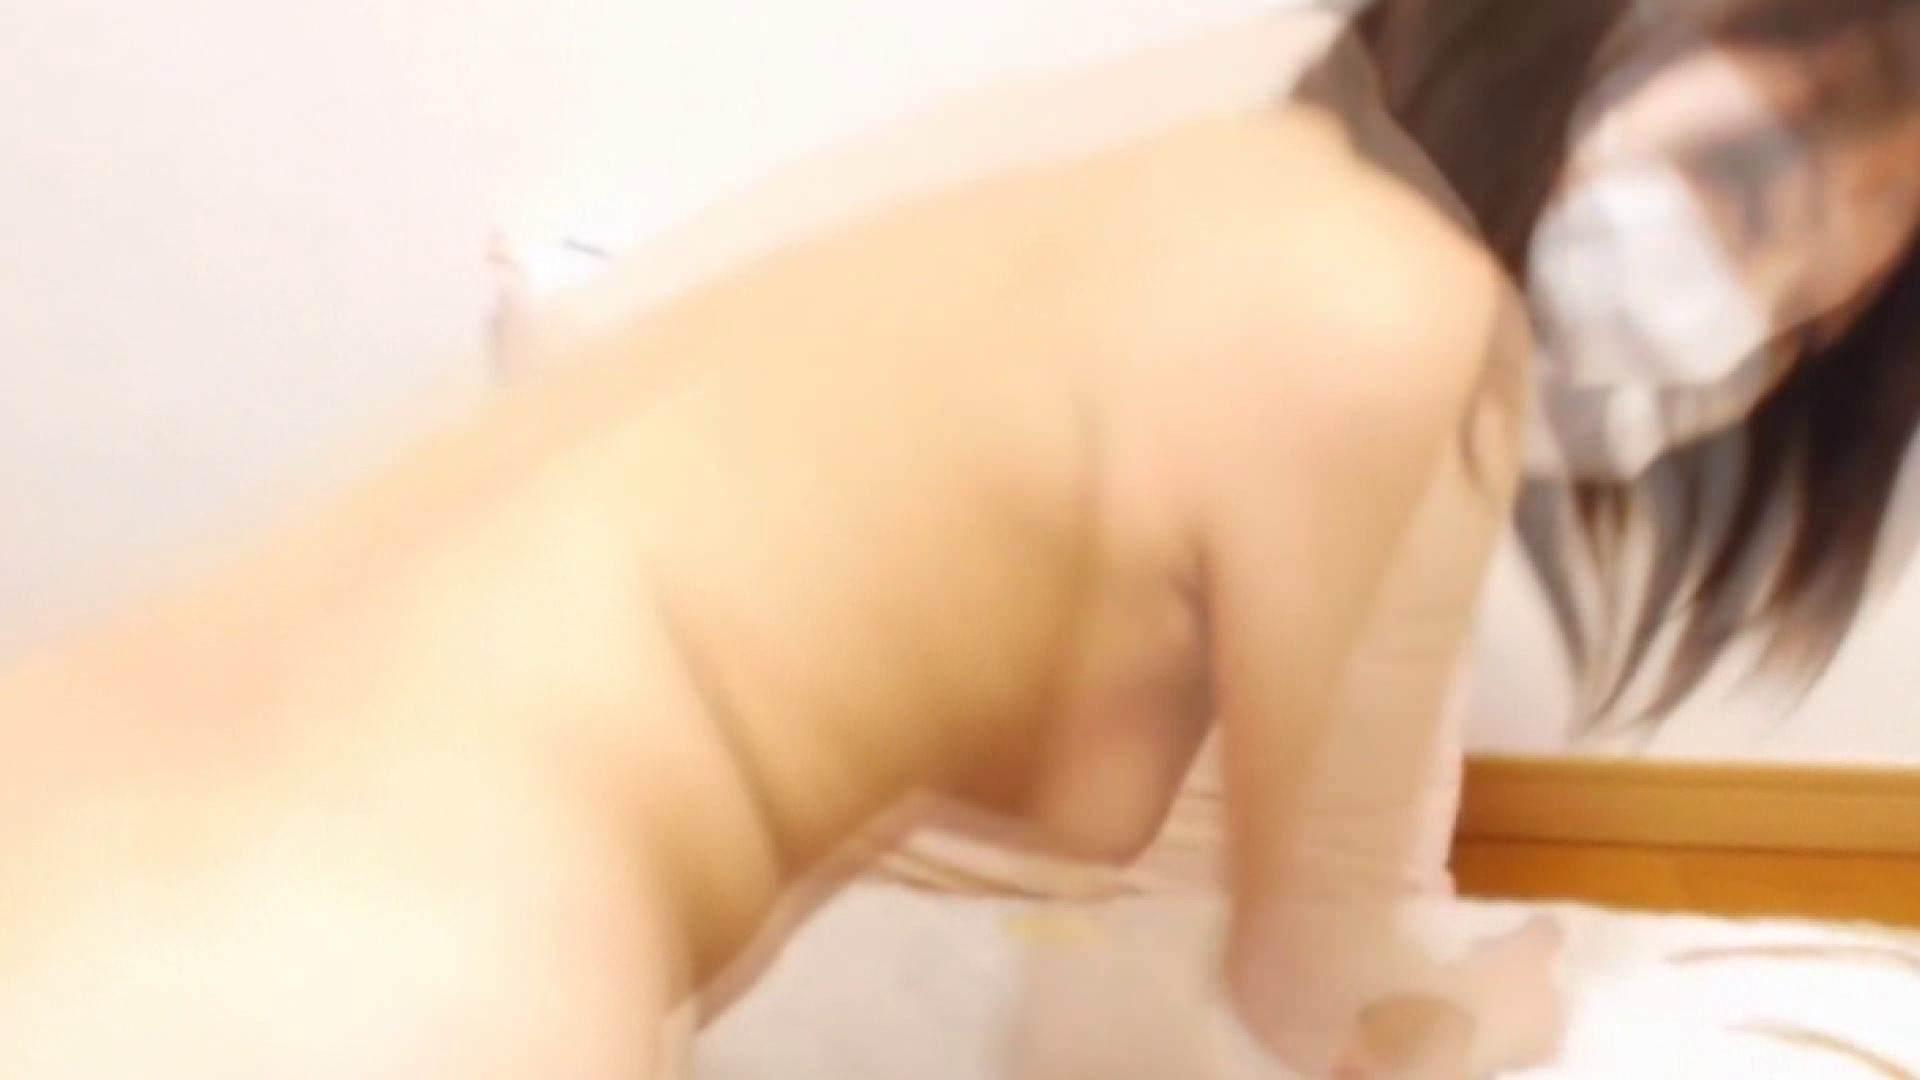 おしえてギャル子のH塾 Vol.07 前編 一般投稿 ヌード画像 90pic 33